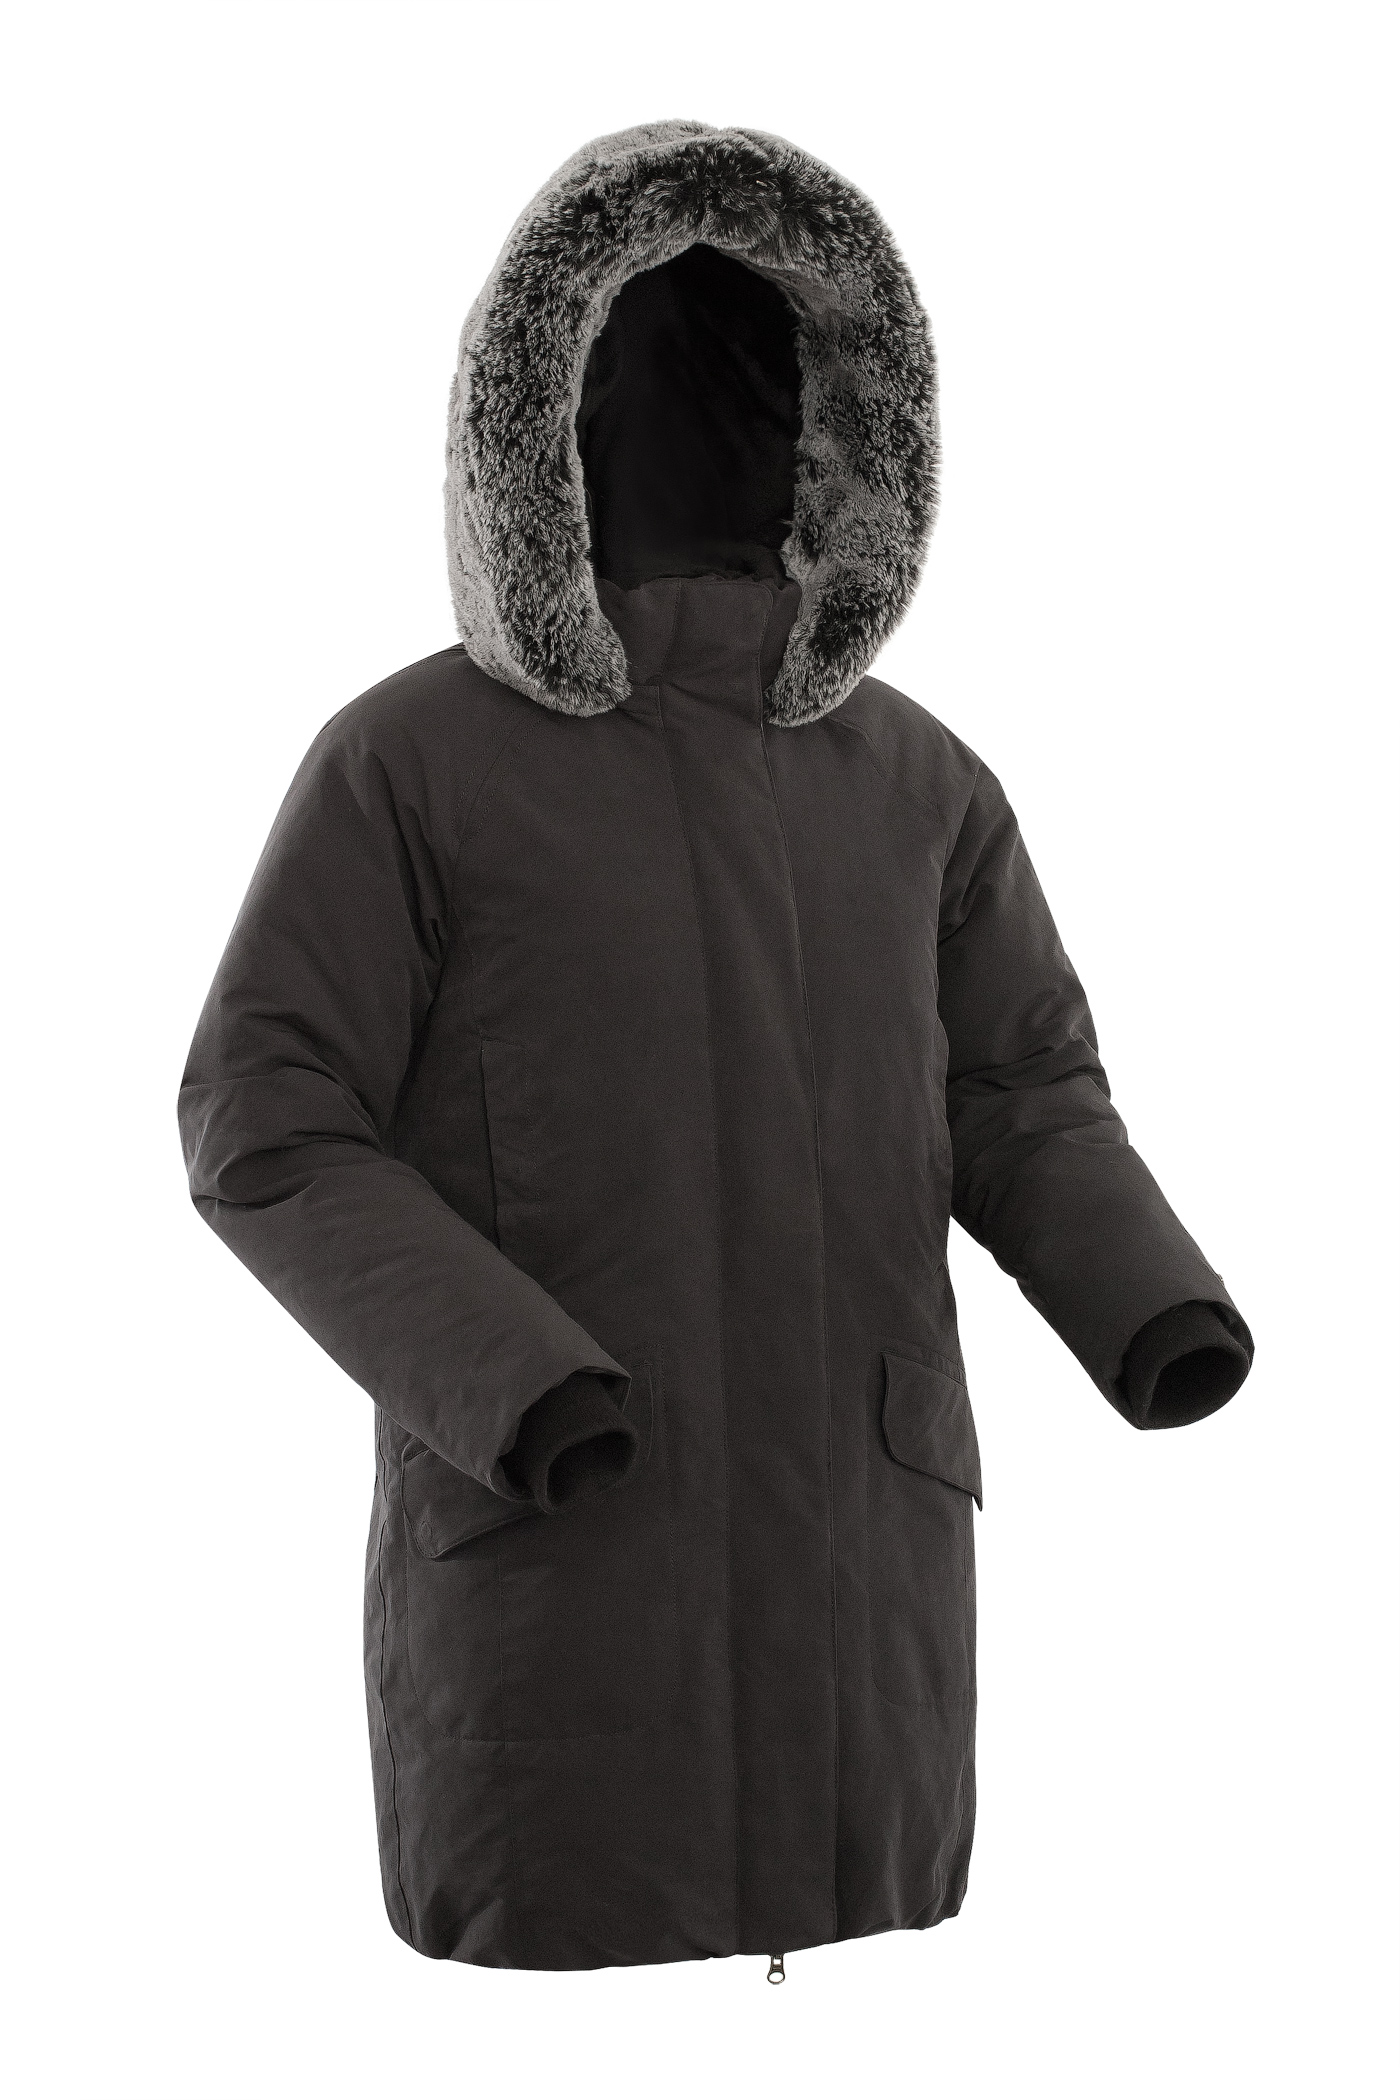 Куртка BASK ISIDA 1505Куртки<br><br><br>Ветро-влагозащитные свойства верхней ткани: Да<br>Ветрозащитная планка: Да<br>Ветрозащитная юбка: Нет<br>Внутренние манжеты: Да<br>Дублирующий центральную молнию клапан: Да<br>Коллекция: BASK City<br>Регулировка манжетов рукавов: Нет<br>Световозвращающая лента: Нет<br>Технология Thermal Welding: Нет<br>Тип утеплителя: Натуральный<br>Утеплитель: Гусиный пух<br>Размер RU: 48<br>Цвет: СИНИЙ